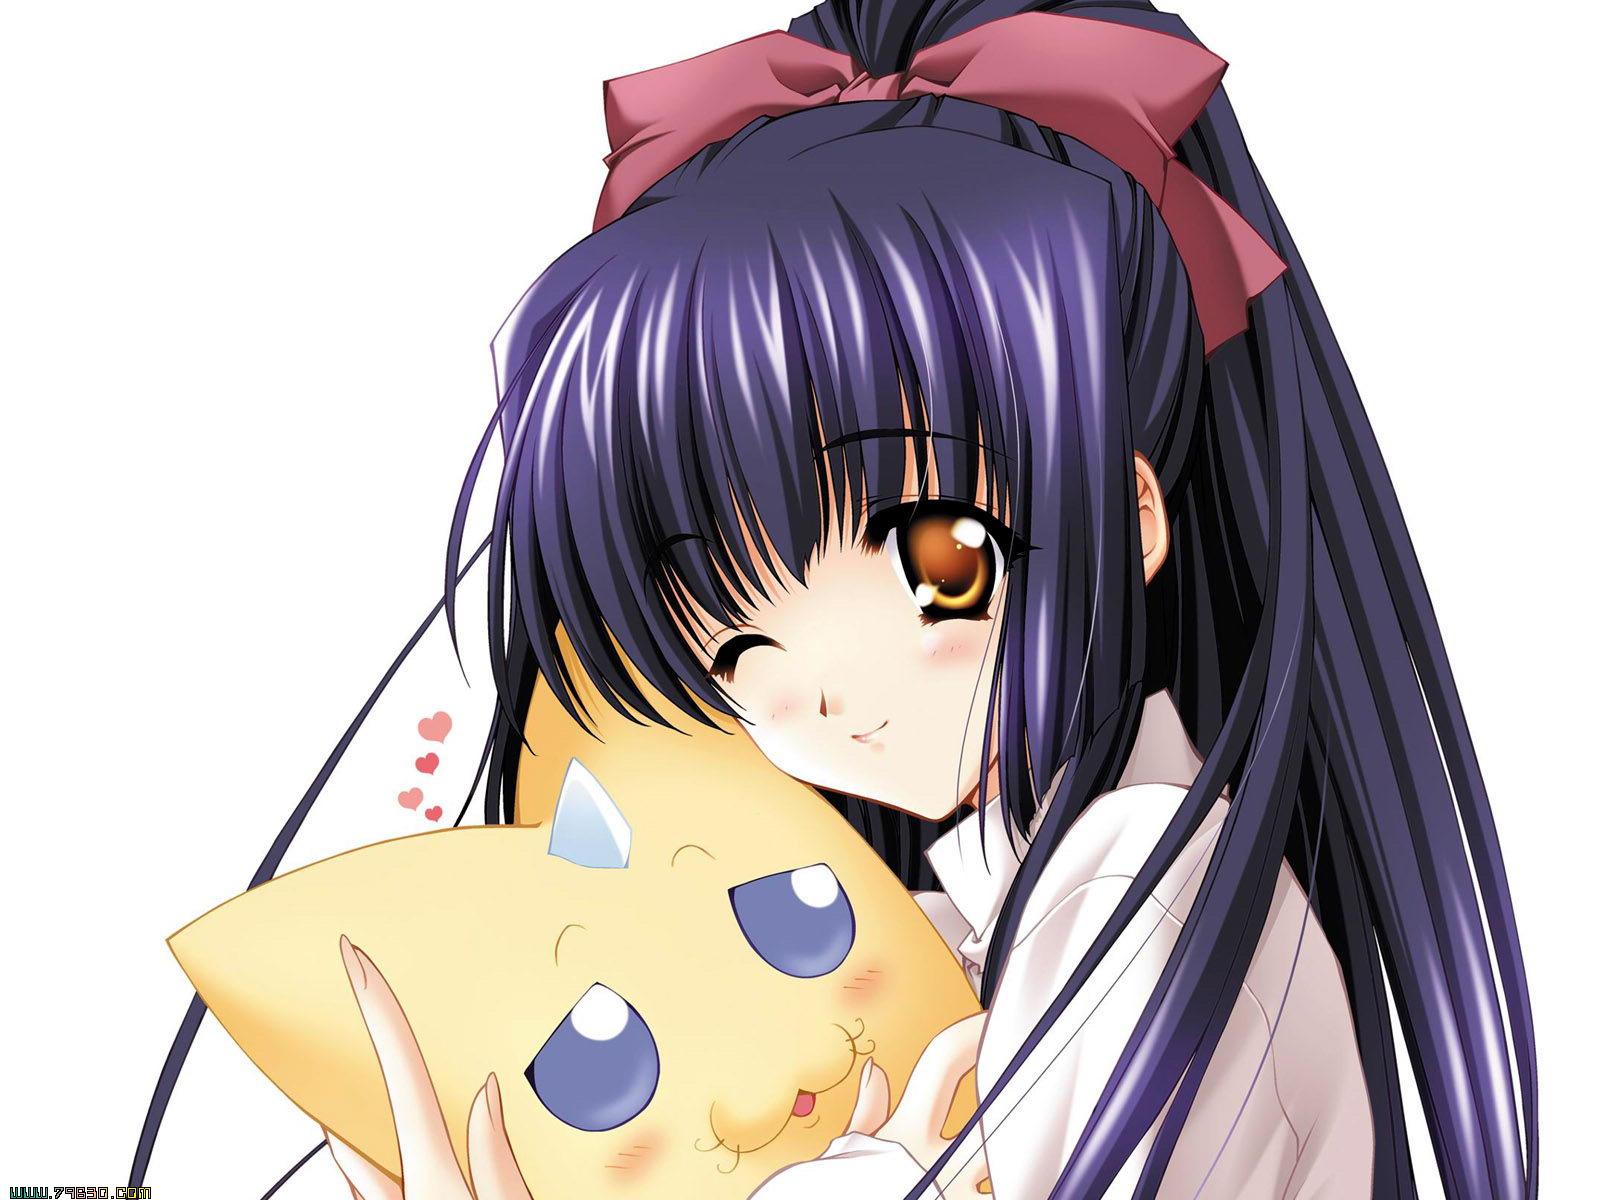 Kawaii - Kawaii... Anime